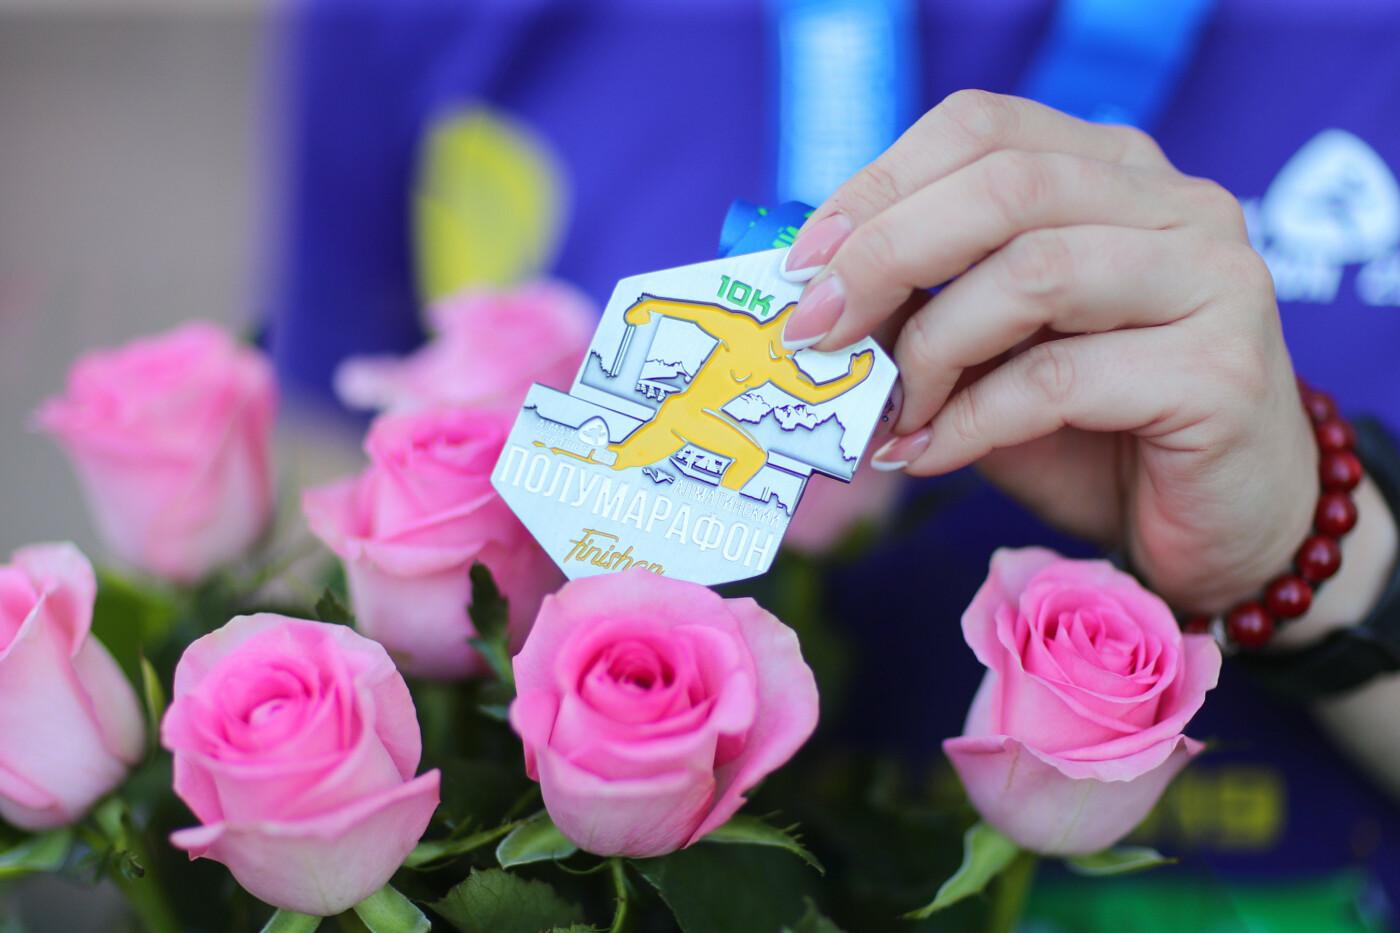 В Алматы состоялся полумарафон спортсменов-любителей (фото), фото-4